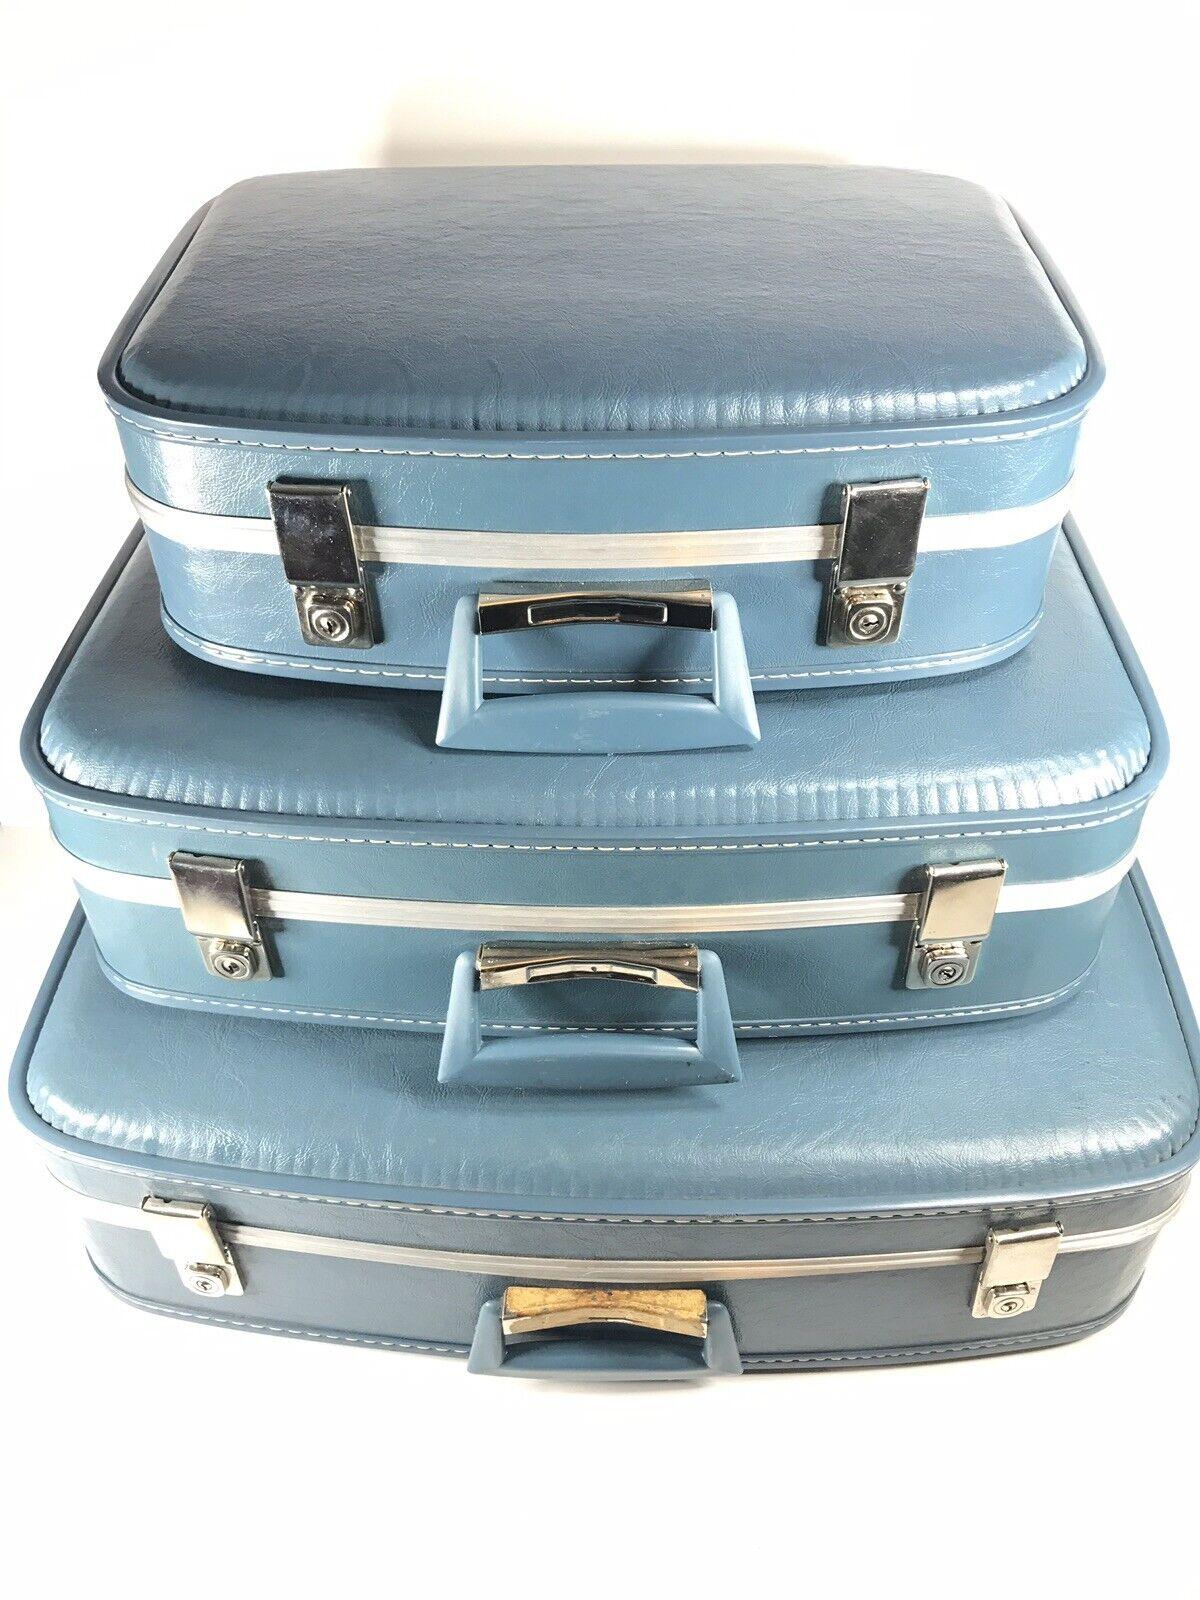 Vintage Nesting Trois Pièce Lot de bagages bleu avec 3 Clés Voyage Home Decor photo